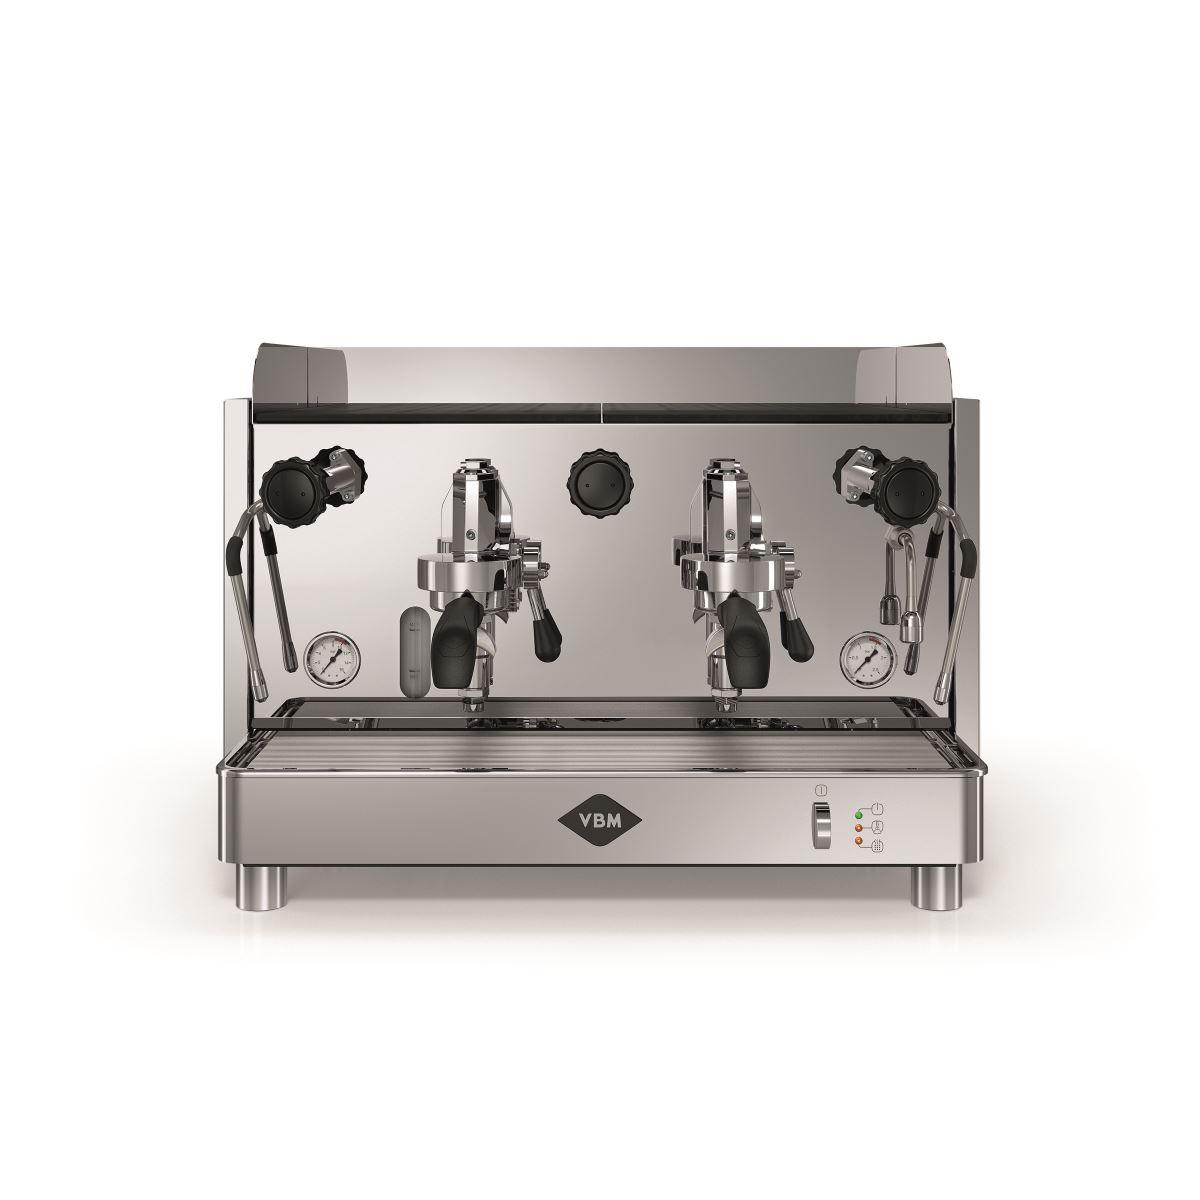 Espressor profesional Vibiemme Replica HX Manuale, 2 grupuri